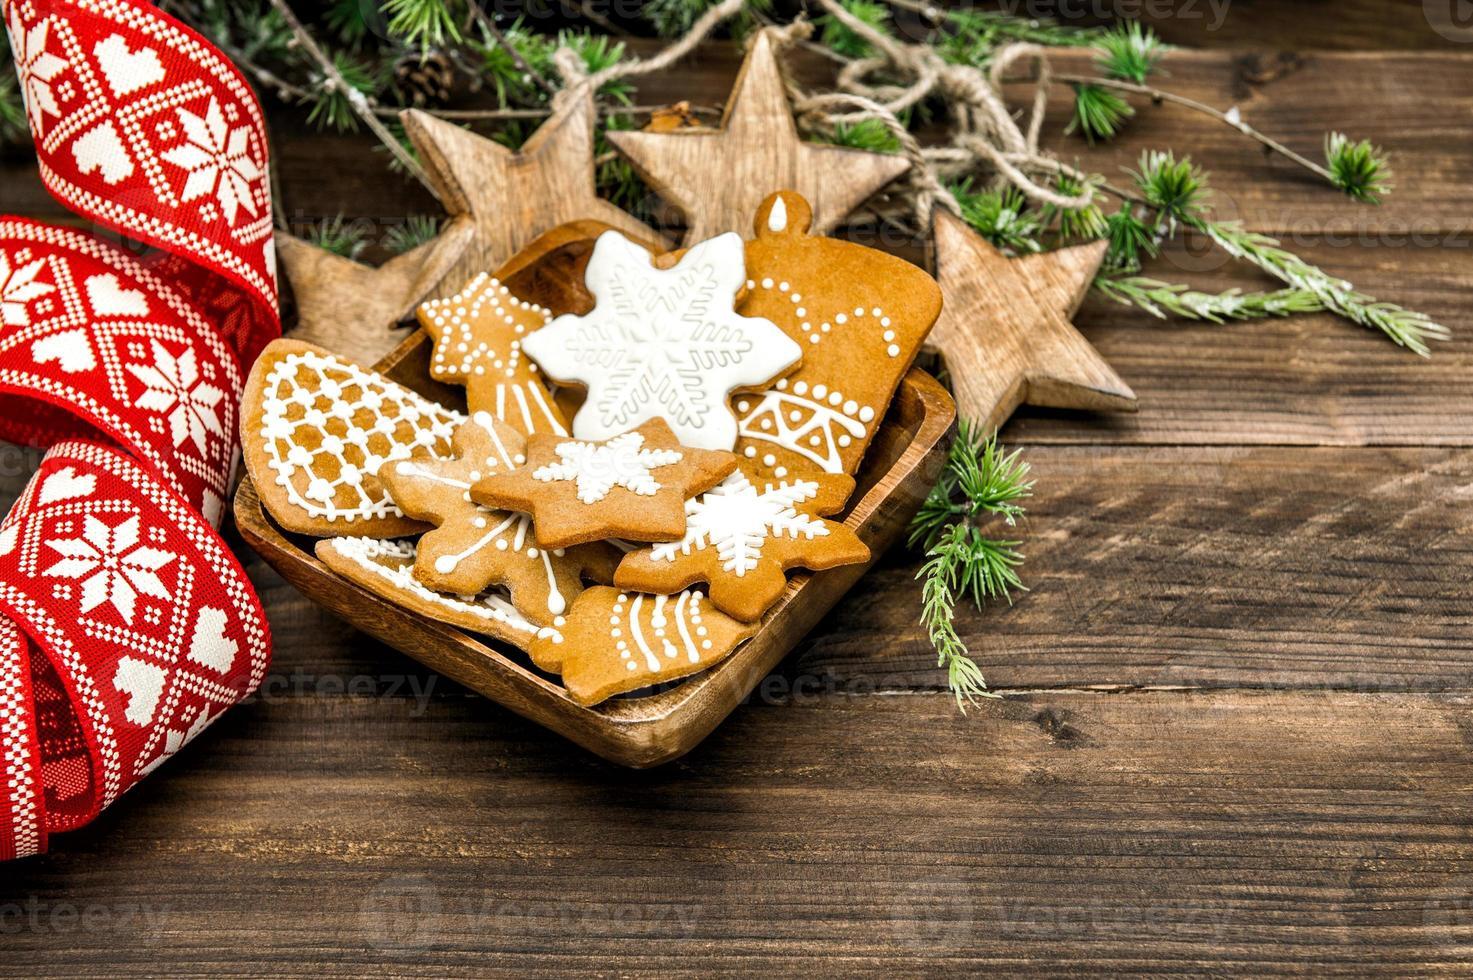 décoration de noël et biscuits au pain d'épices faits à la main photo